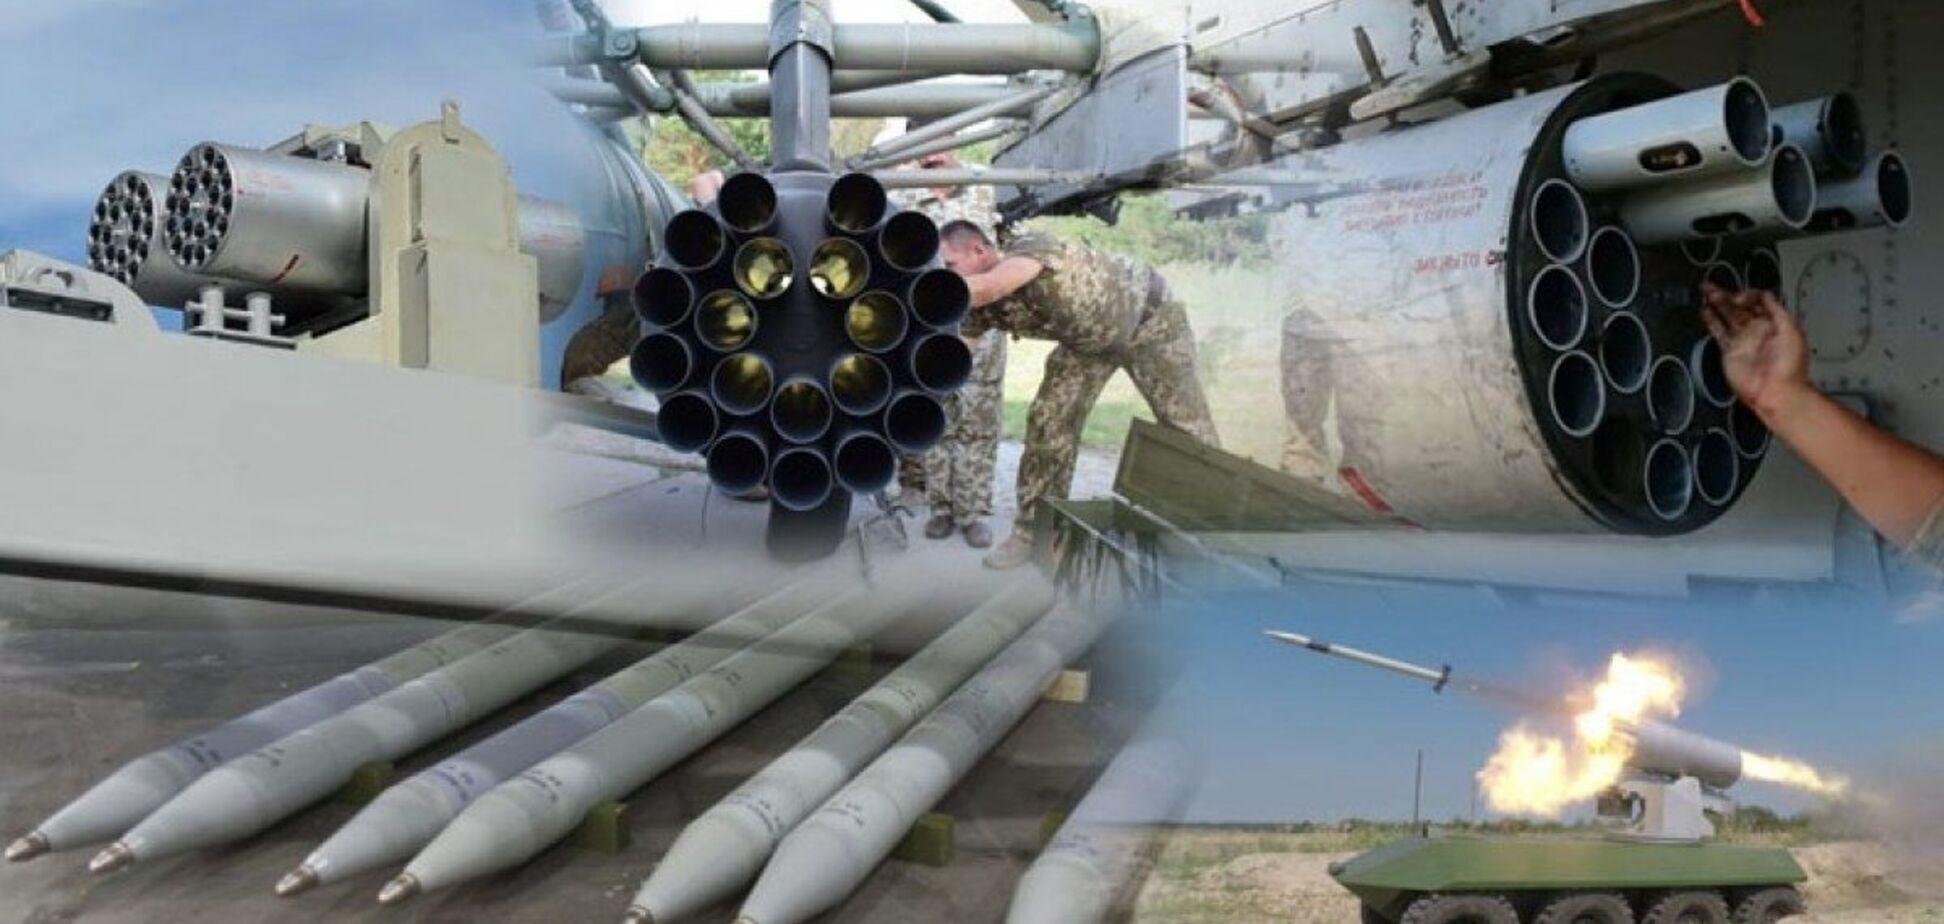 Как ВСУ будут использовать ракеты РС-80 против РФ: Селезнев дал объяснение